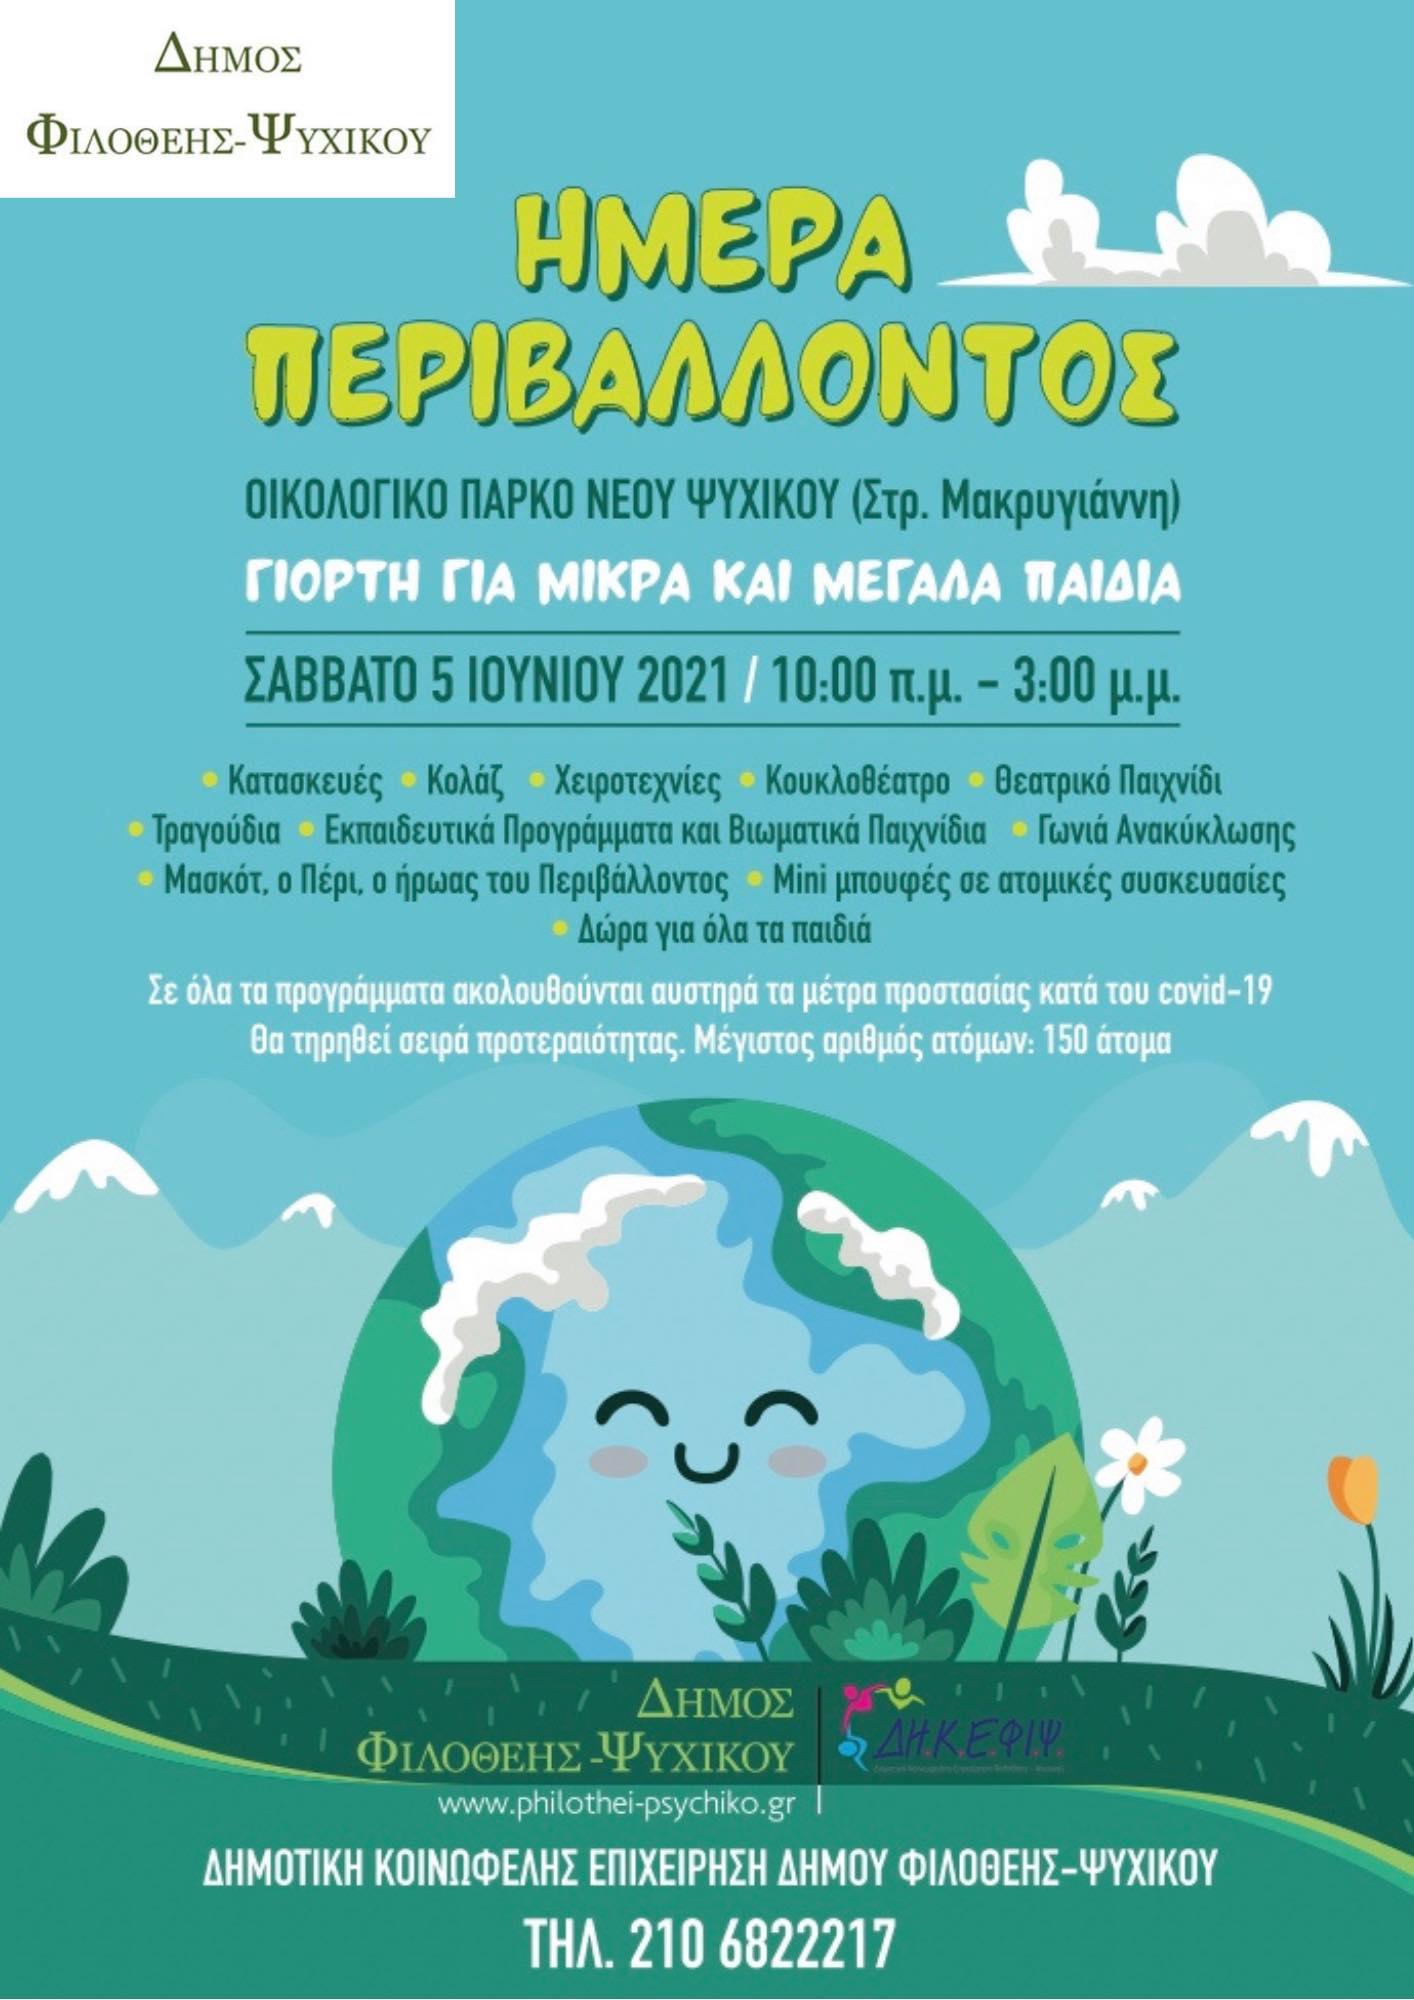 Οικολογικό Πάρκο Νέου Ψυχικού - Παγκόσμια Ημέρα Περιβάλλοντος